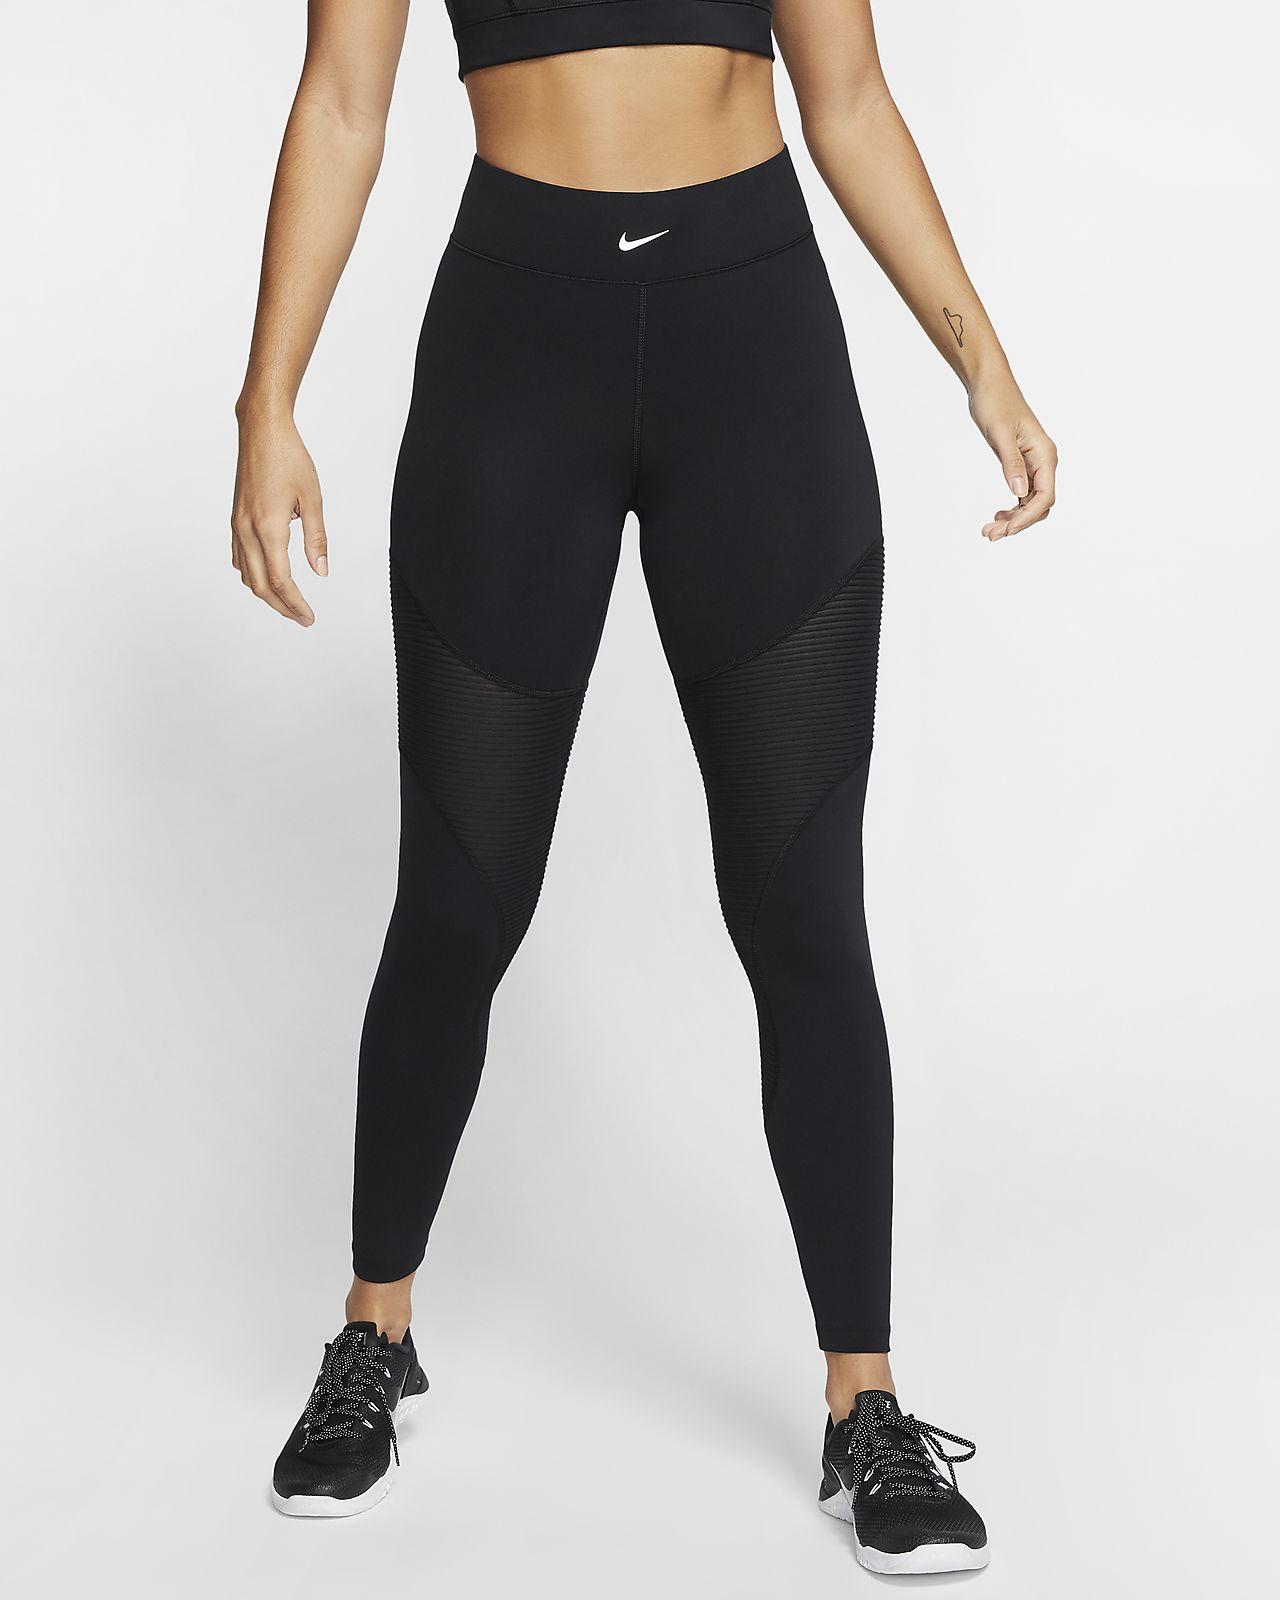 Dámské legíny Nike Pro AeroAdapt